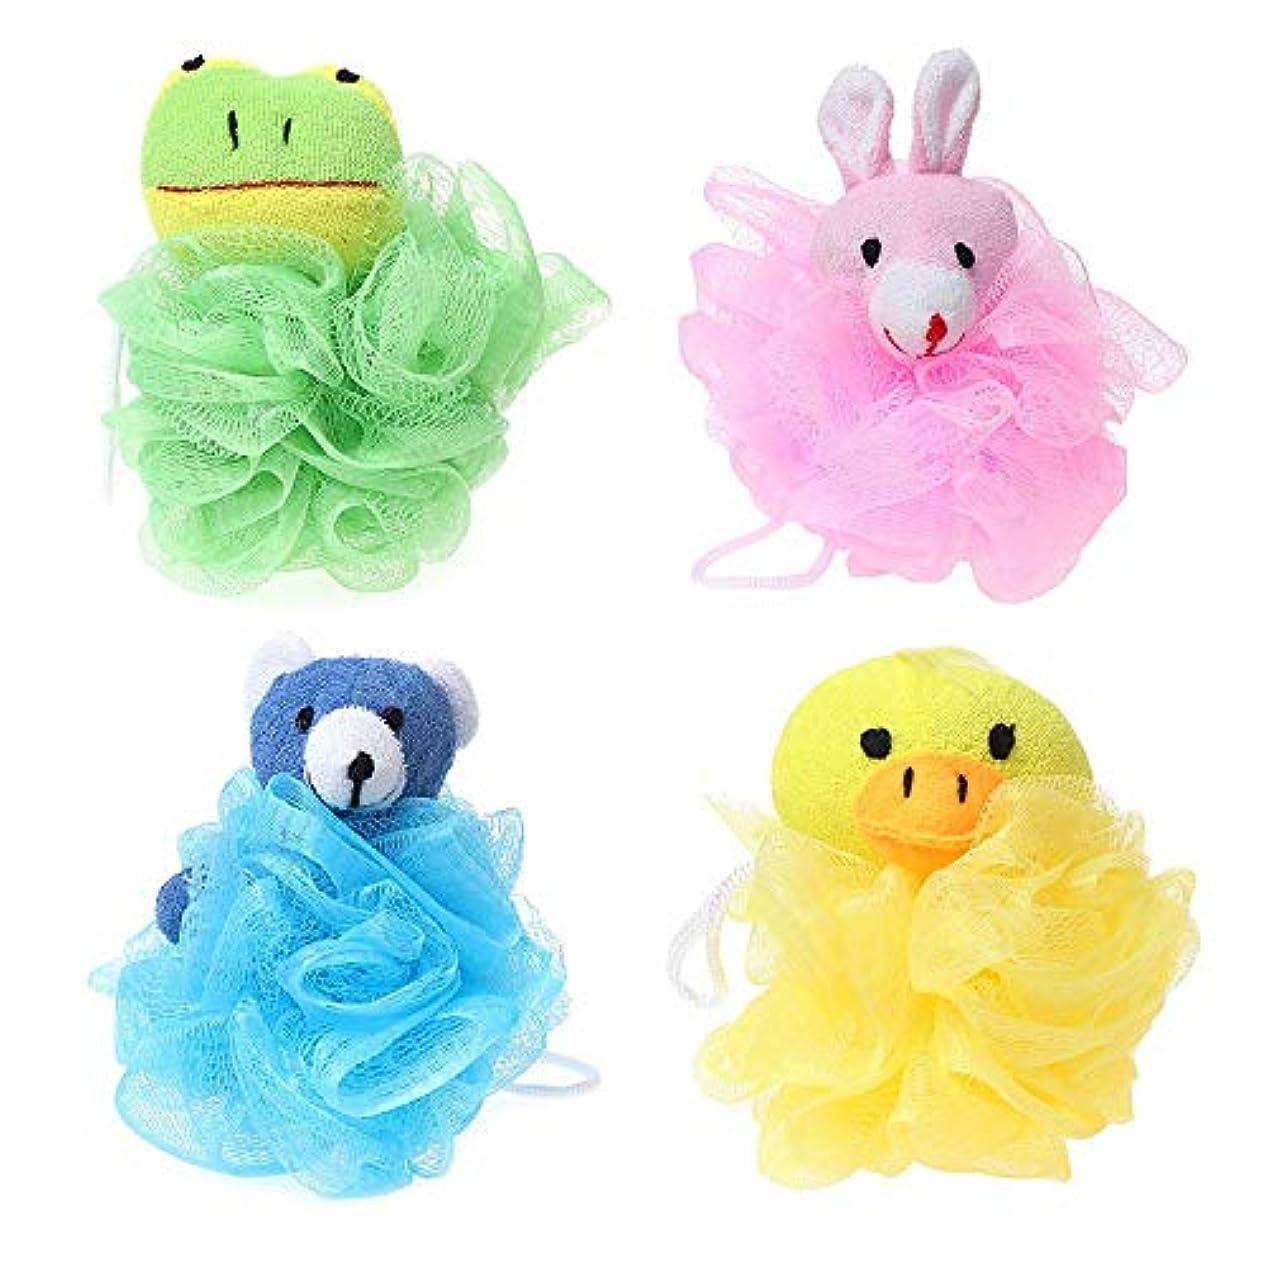 結び目実行ぬいぐるみGaoominy 子供用おもちゃクッションパフメッシュぬいぐるみ付き(4パック)カエル、アヒル、ウサギ、クマ